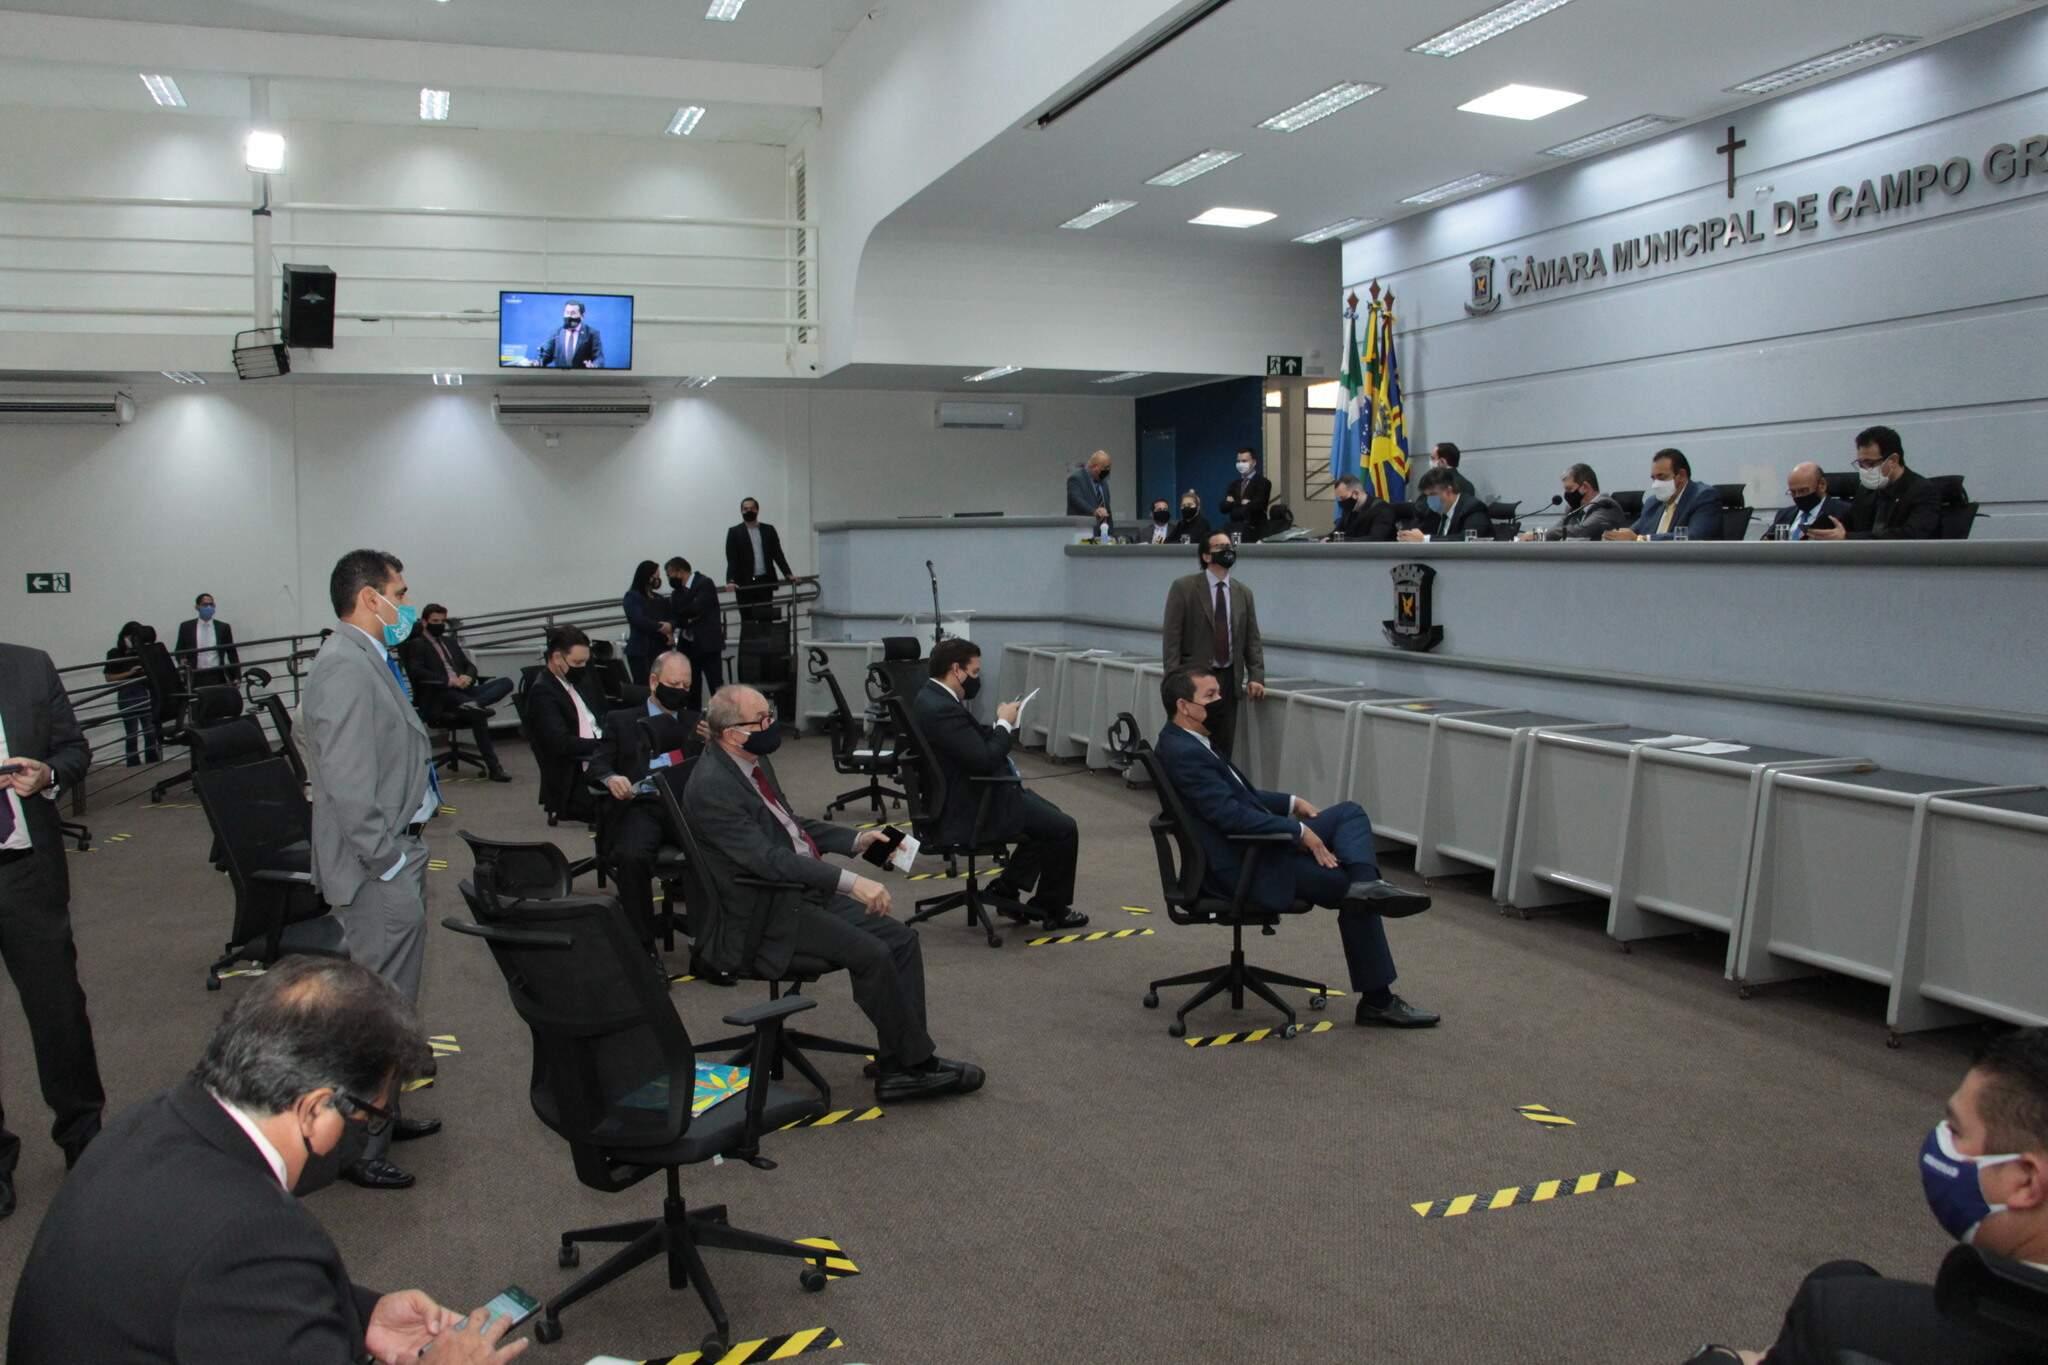 Vereadores durante sessão na Câmara Municipal, no primeiro semestre (Foto: Divulgação - CMCG)